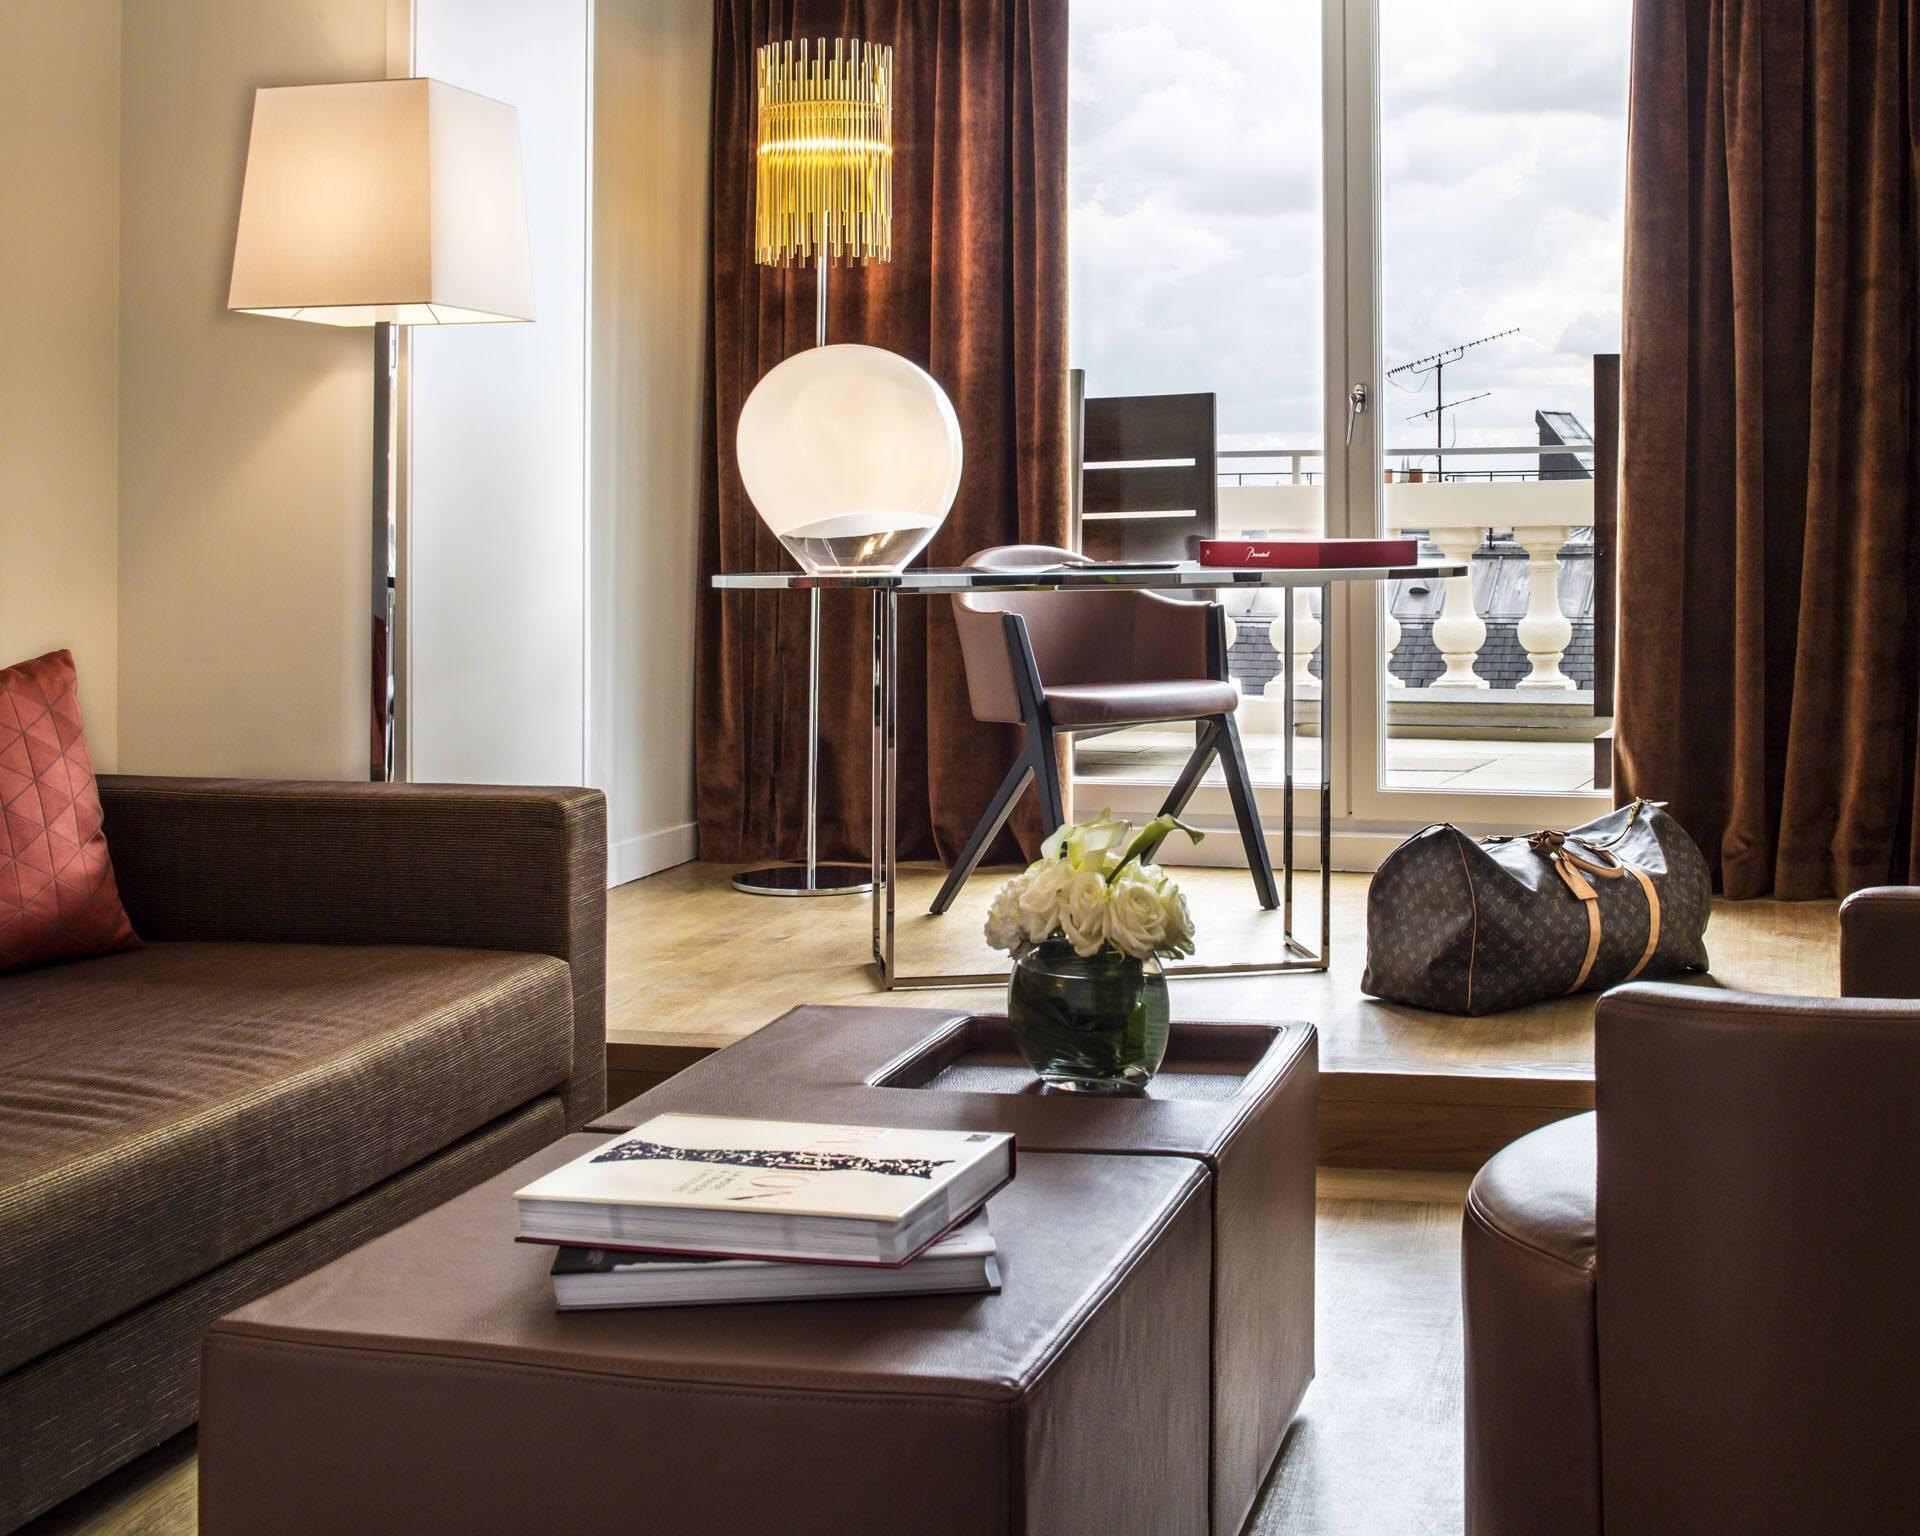 Hotel Sers Paris Eiffel Suite